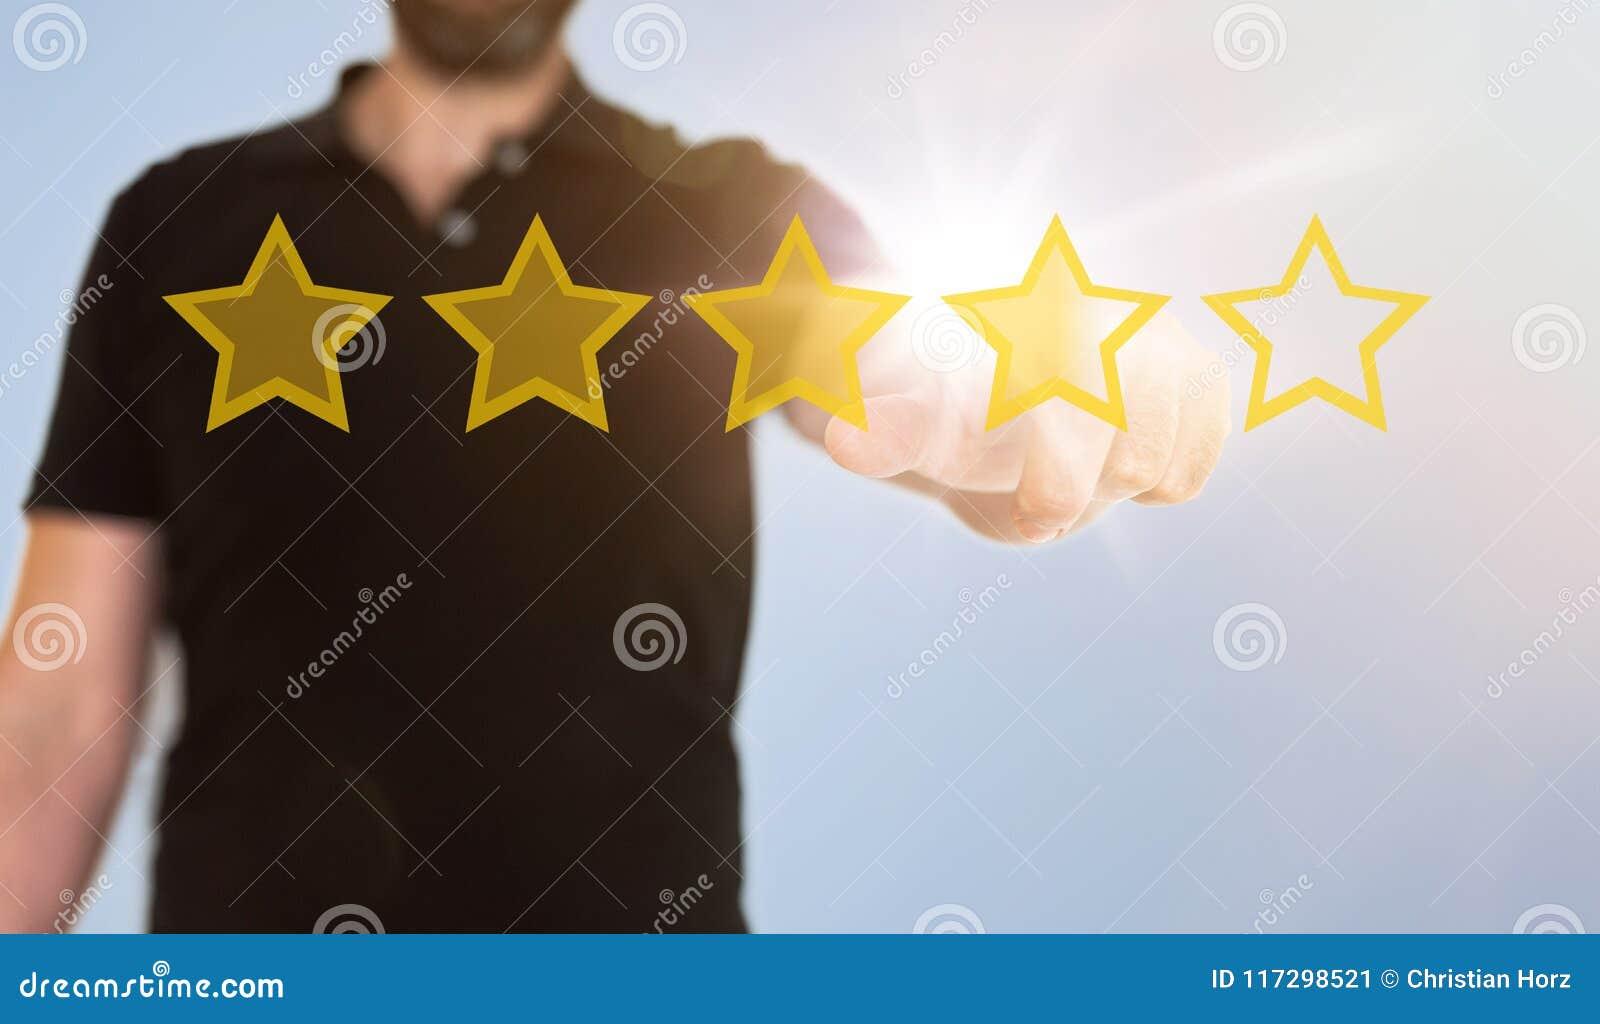 Rörande genomskinlig pekskärmmanöverenhet för affärsman med guld- värderingsstjärnor